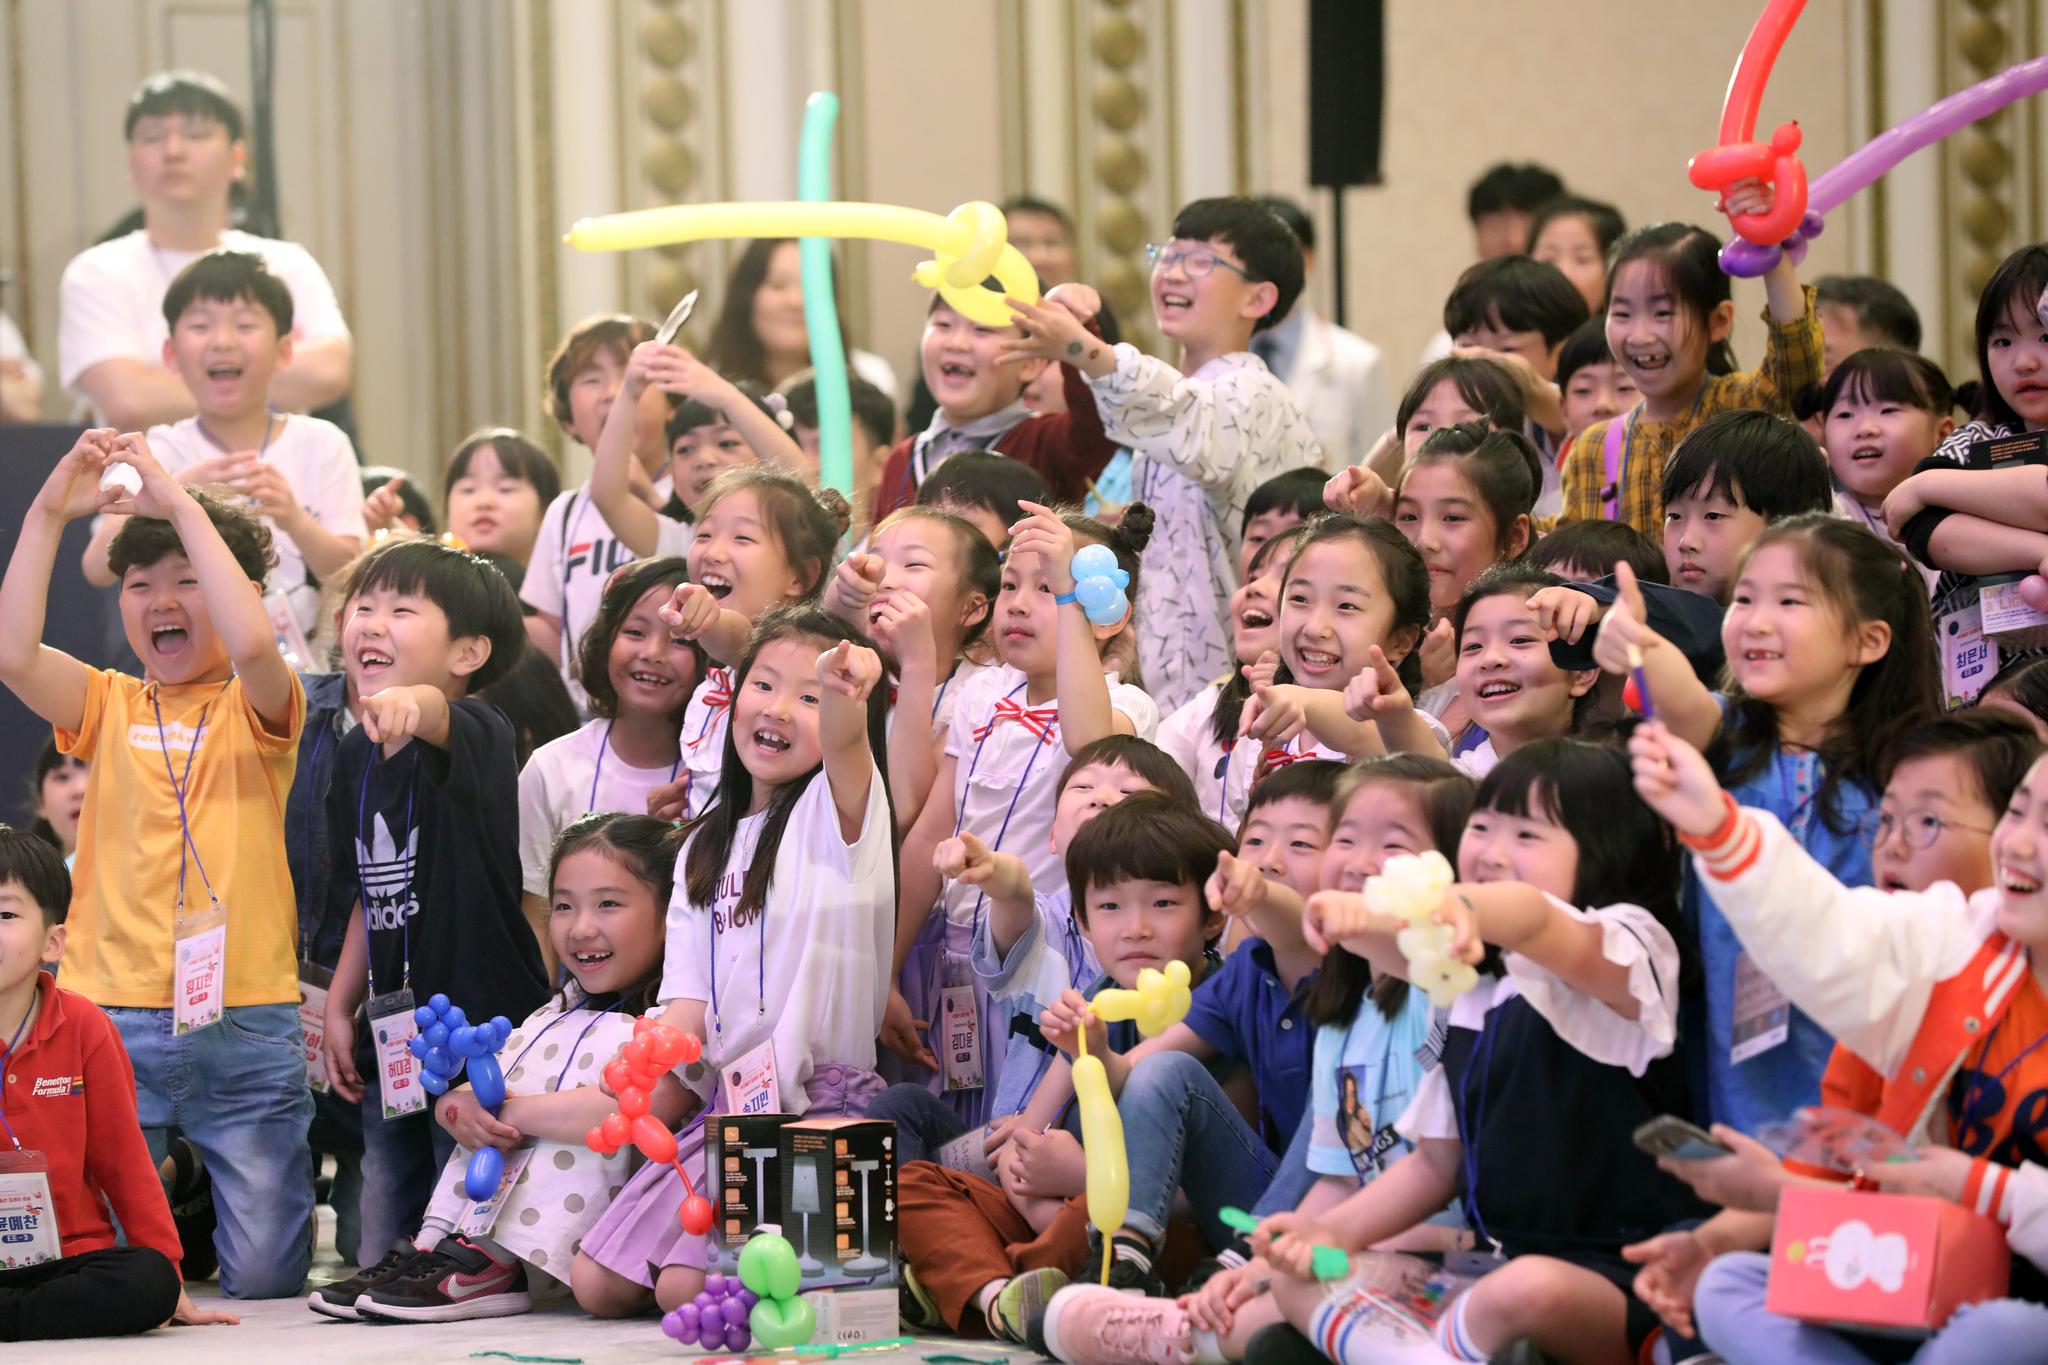 어린이날인 5일 청와대 영빈관에서 열린 '2019년 어린이날 청와대 초청행사'에 참석한 어린이들이 공연을 보며 즐거운 시간을 보내고 있다. 청와대사진기자단